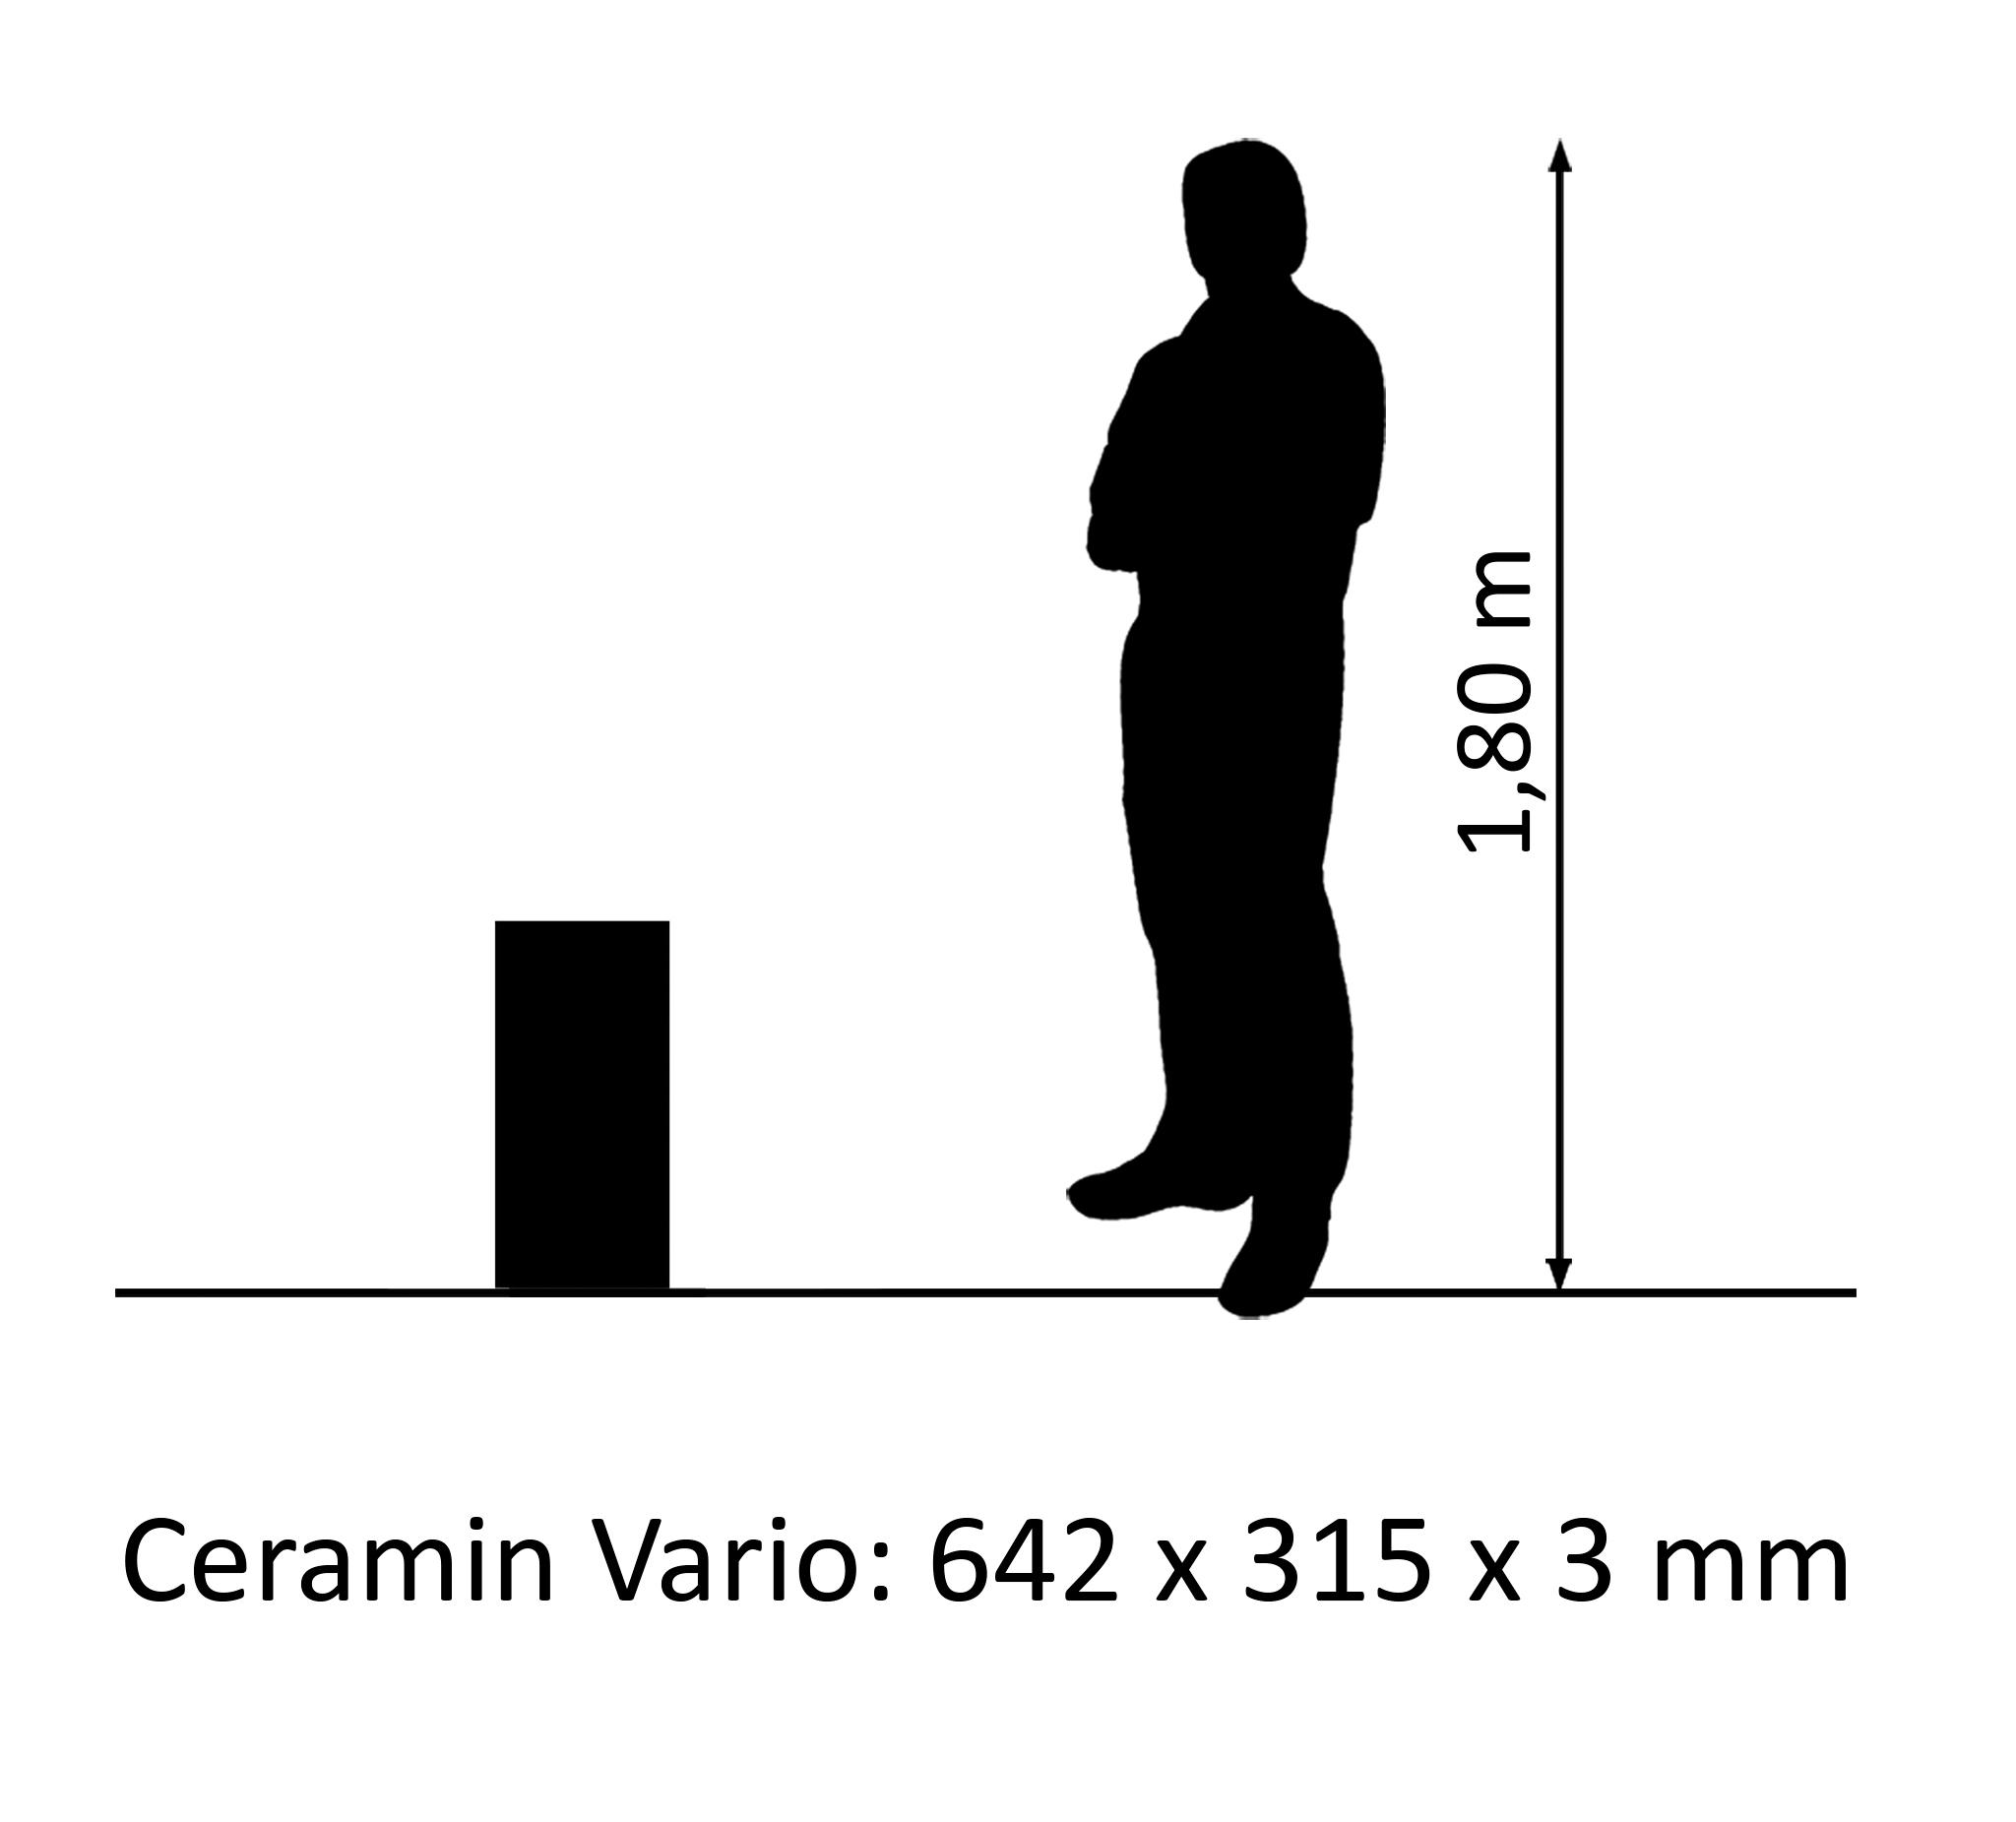 Ceramin Vario marble lime plaster white